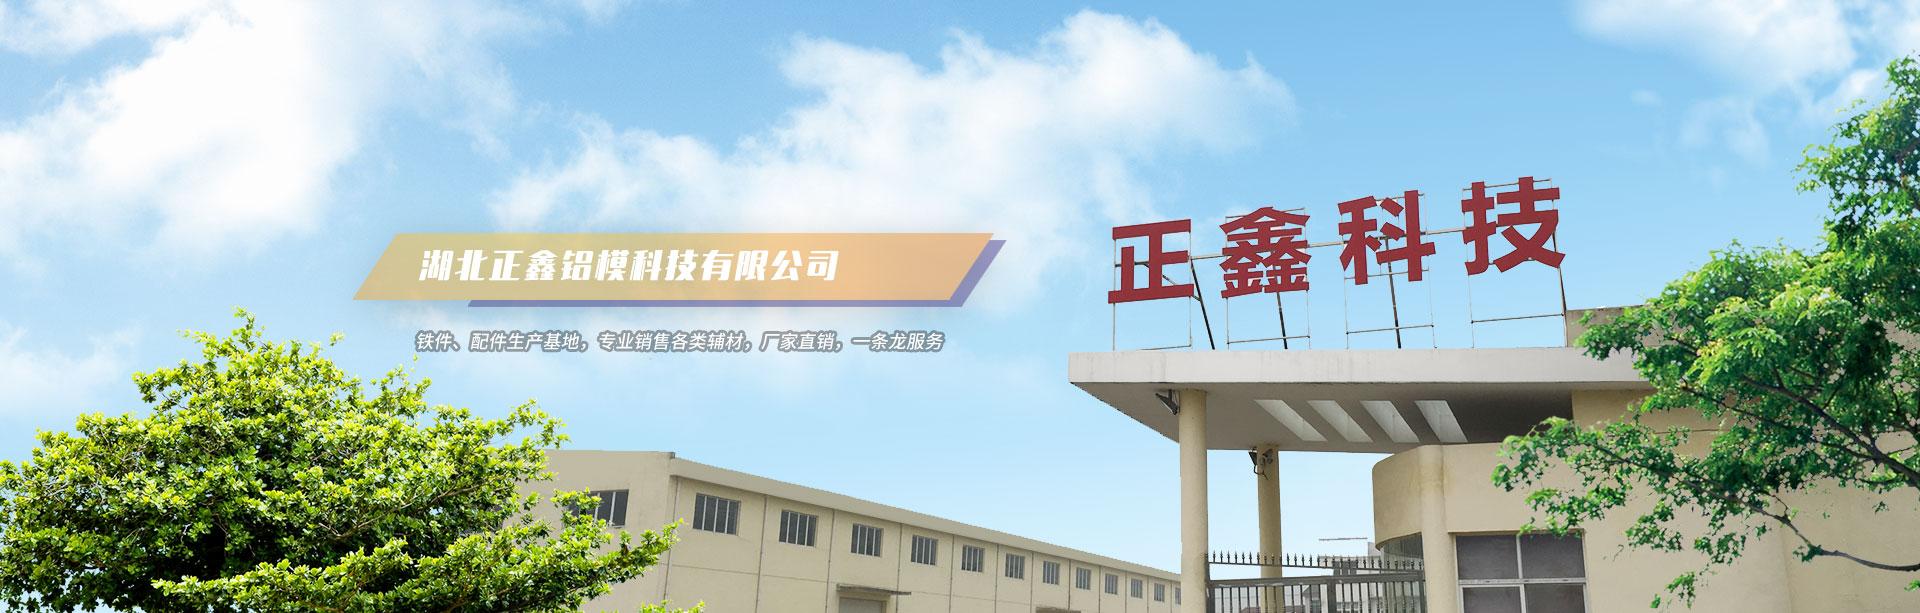 惠州正高金属制品有限公司